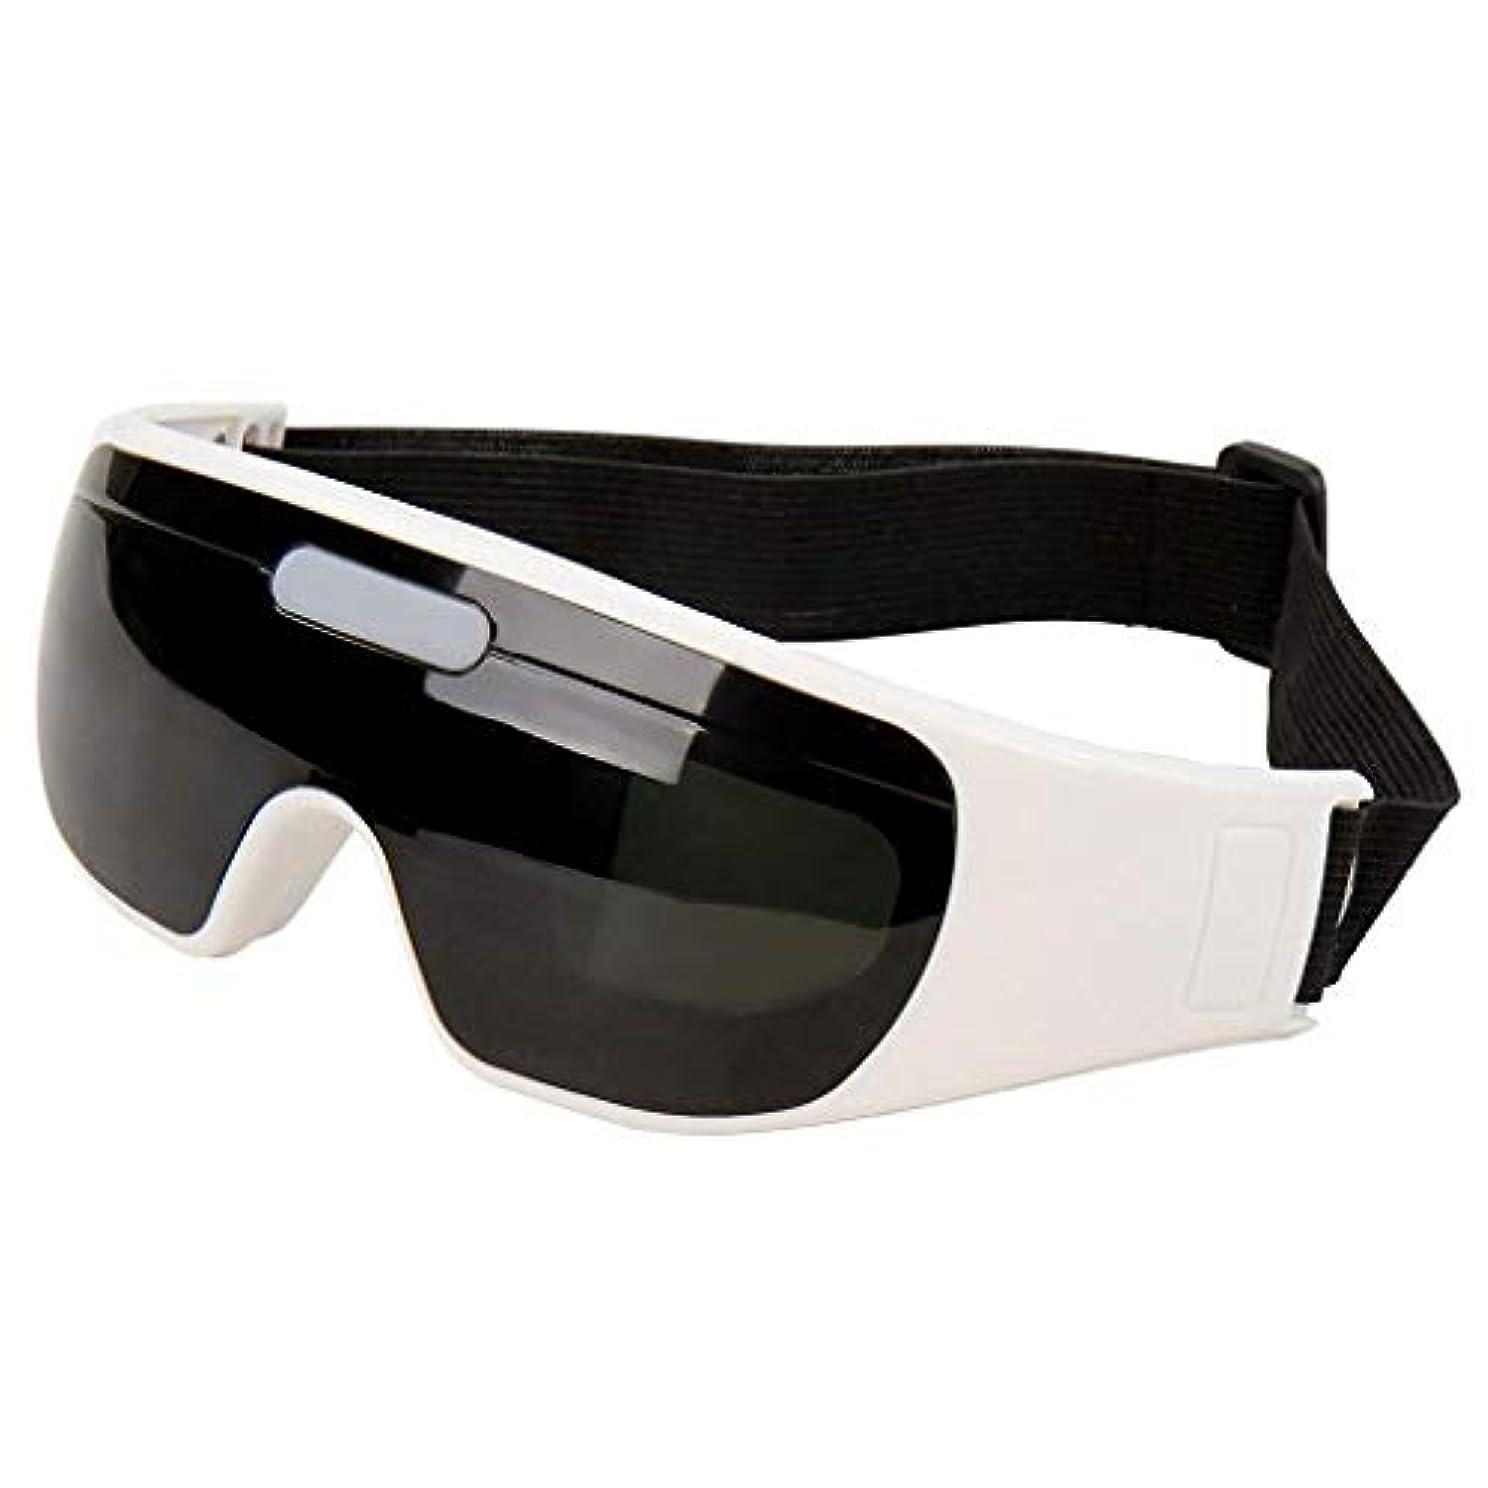 宗教的な喪アラームアイマッサージメガネ、24ソフトマッサージセンサーメガネ、磁気療法アイマッサージャー、9モード電動アイマッサージャー健康、リラクゼーション、鍼